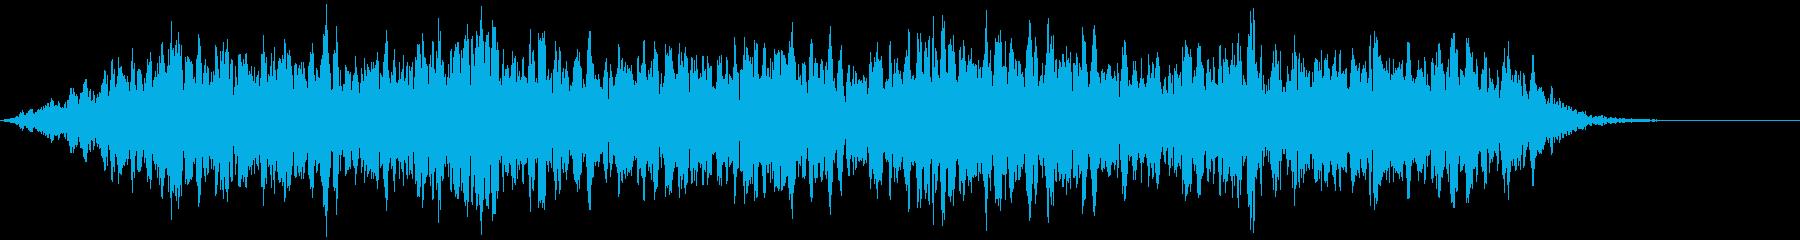 【ホラーゲーム】霊の叫び_01の再生済みの波形